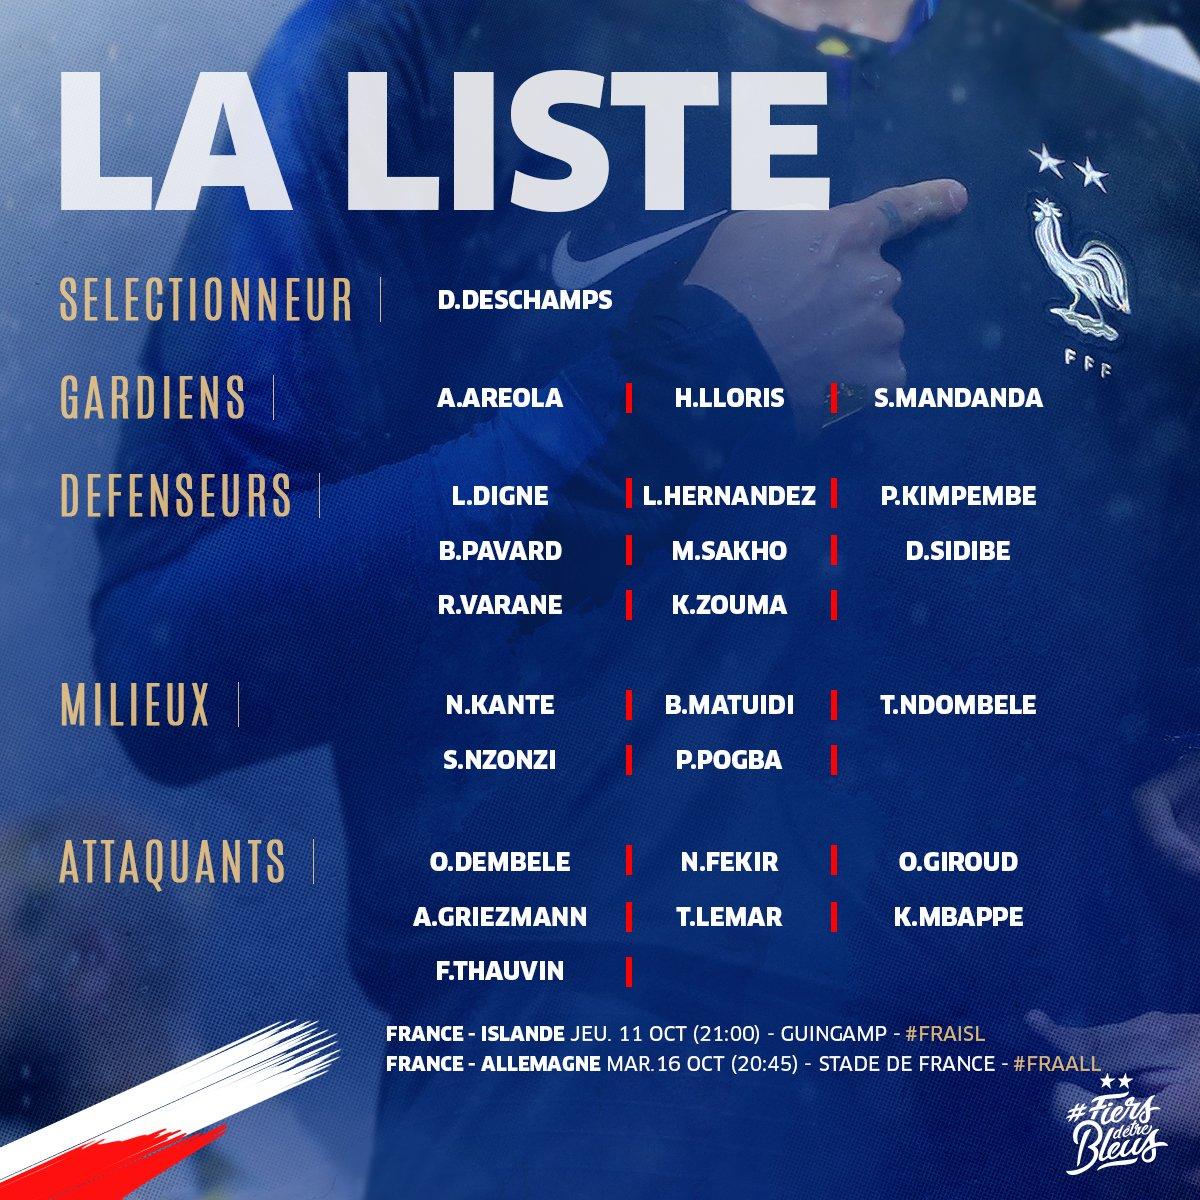 Les 23 joueurs qui affronteront l'Islande (11/10 à Guingamp) et l'Allemagne (16/10 au Stade de France) sont... #FiersdetreBleus